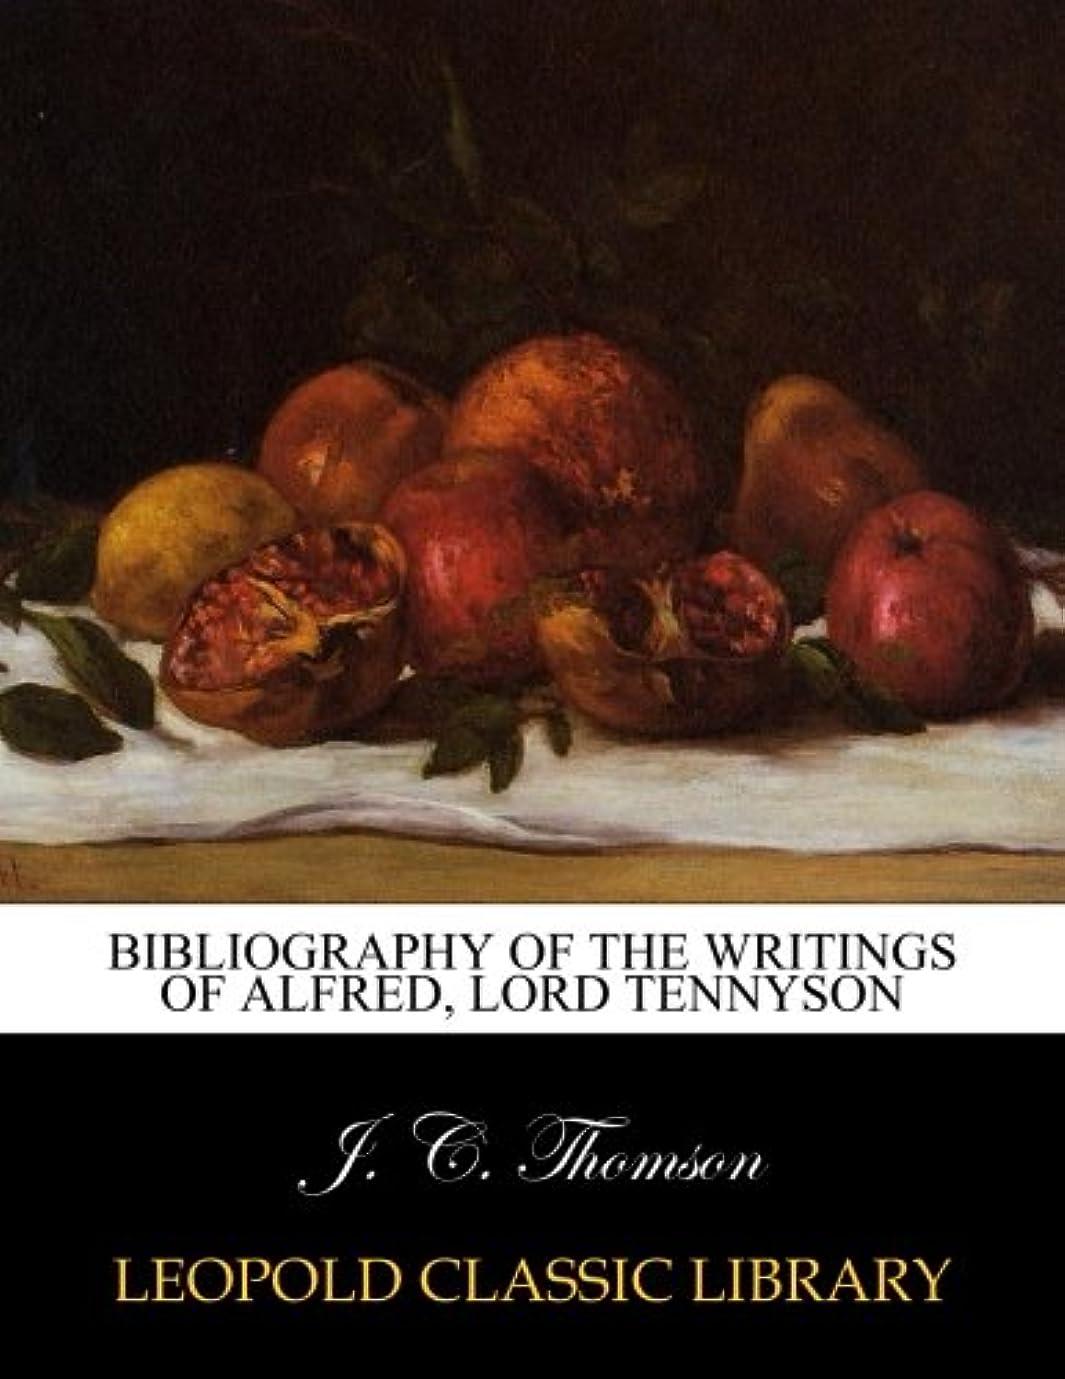 挑発する繰り返し投げるBibliography of the writings of Alfred, lord Tennyson